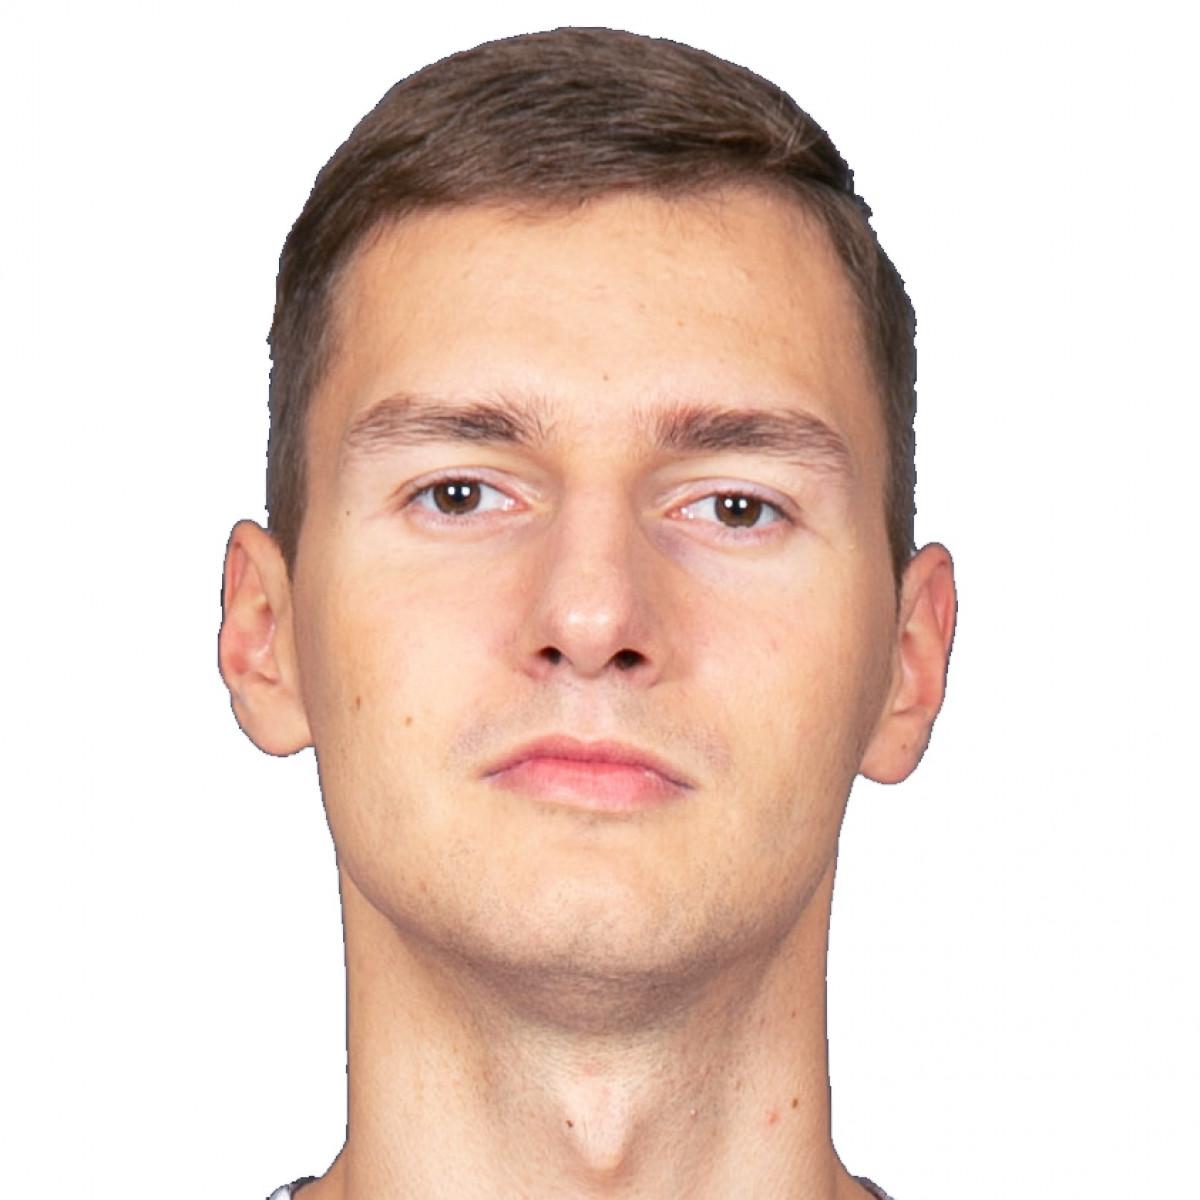 Tadas Vaiciunas